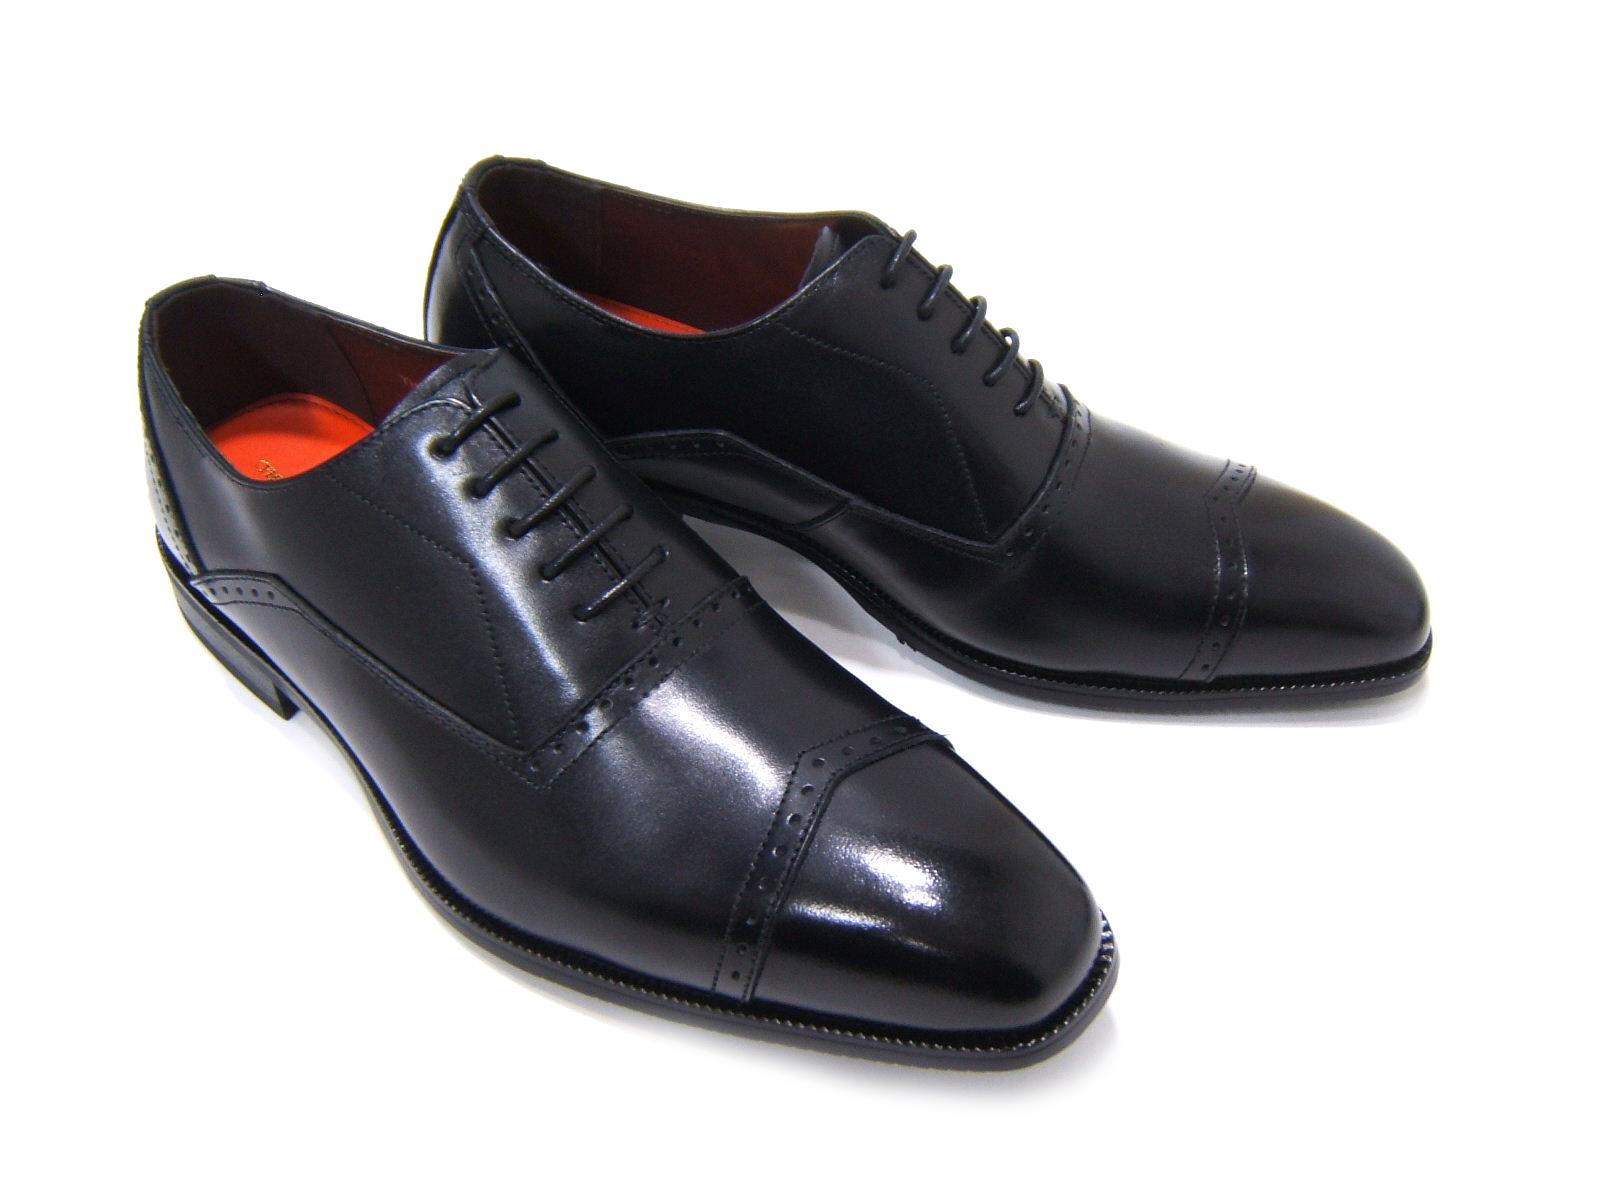 上品で遊び心ある大人の紳士ビジネスシューズ!YUKIKO HANAI/ユキコ ハナイ ビジネスYH-3301 紳士靴 ブラック ストレートチップメダリオン ビジネス 送料無料